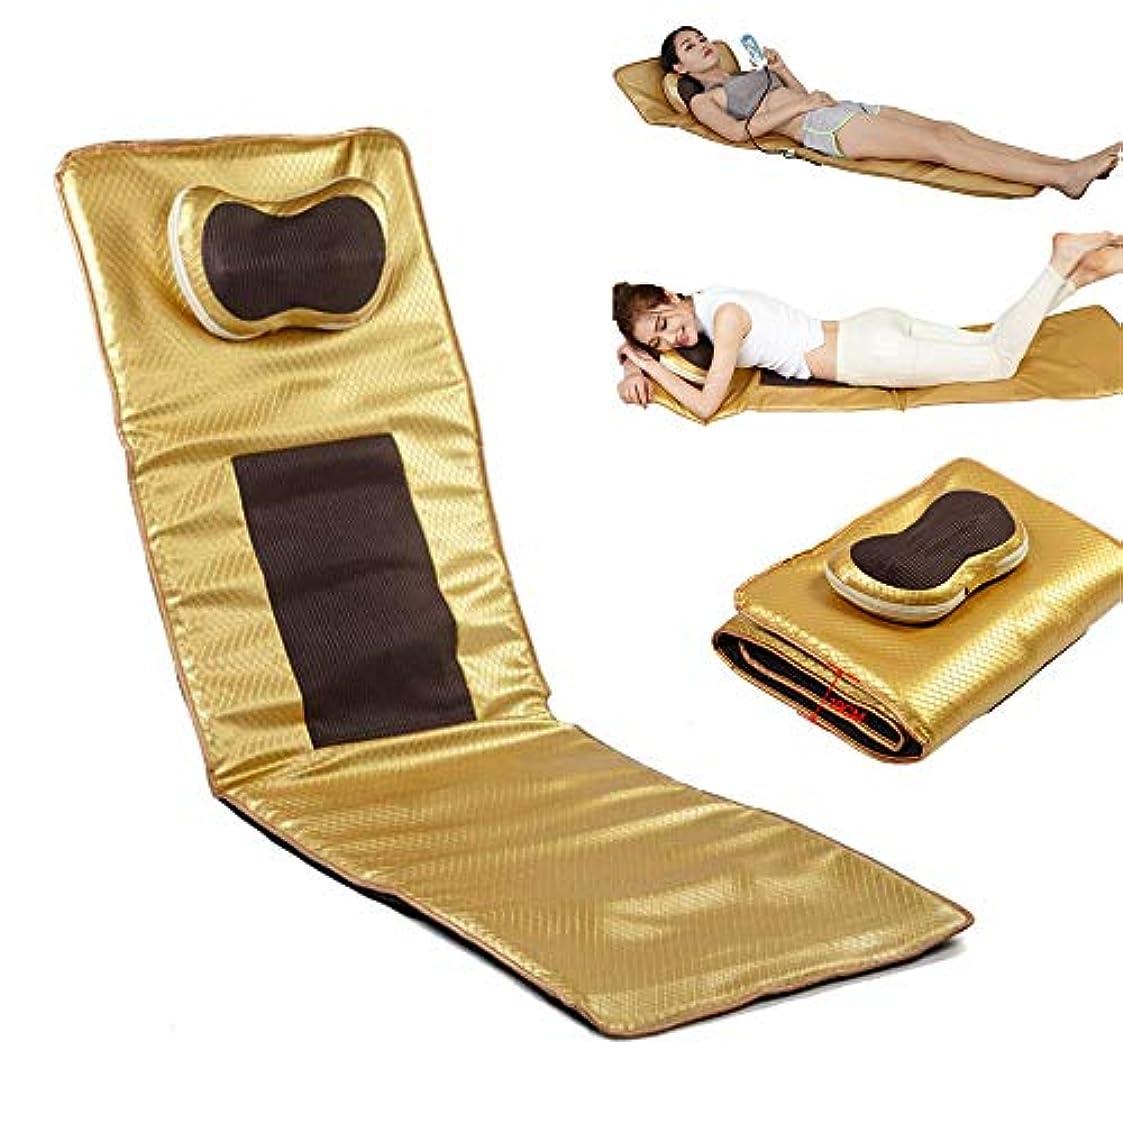 器用クリーナーレーニン主義ボディを和らげるためにマットレスマッサージマッサージ枕とマッサージマット、痛みフルボディマッサージ折り畳み式の多機能電気暖房